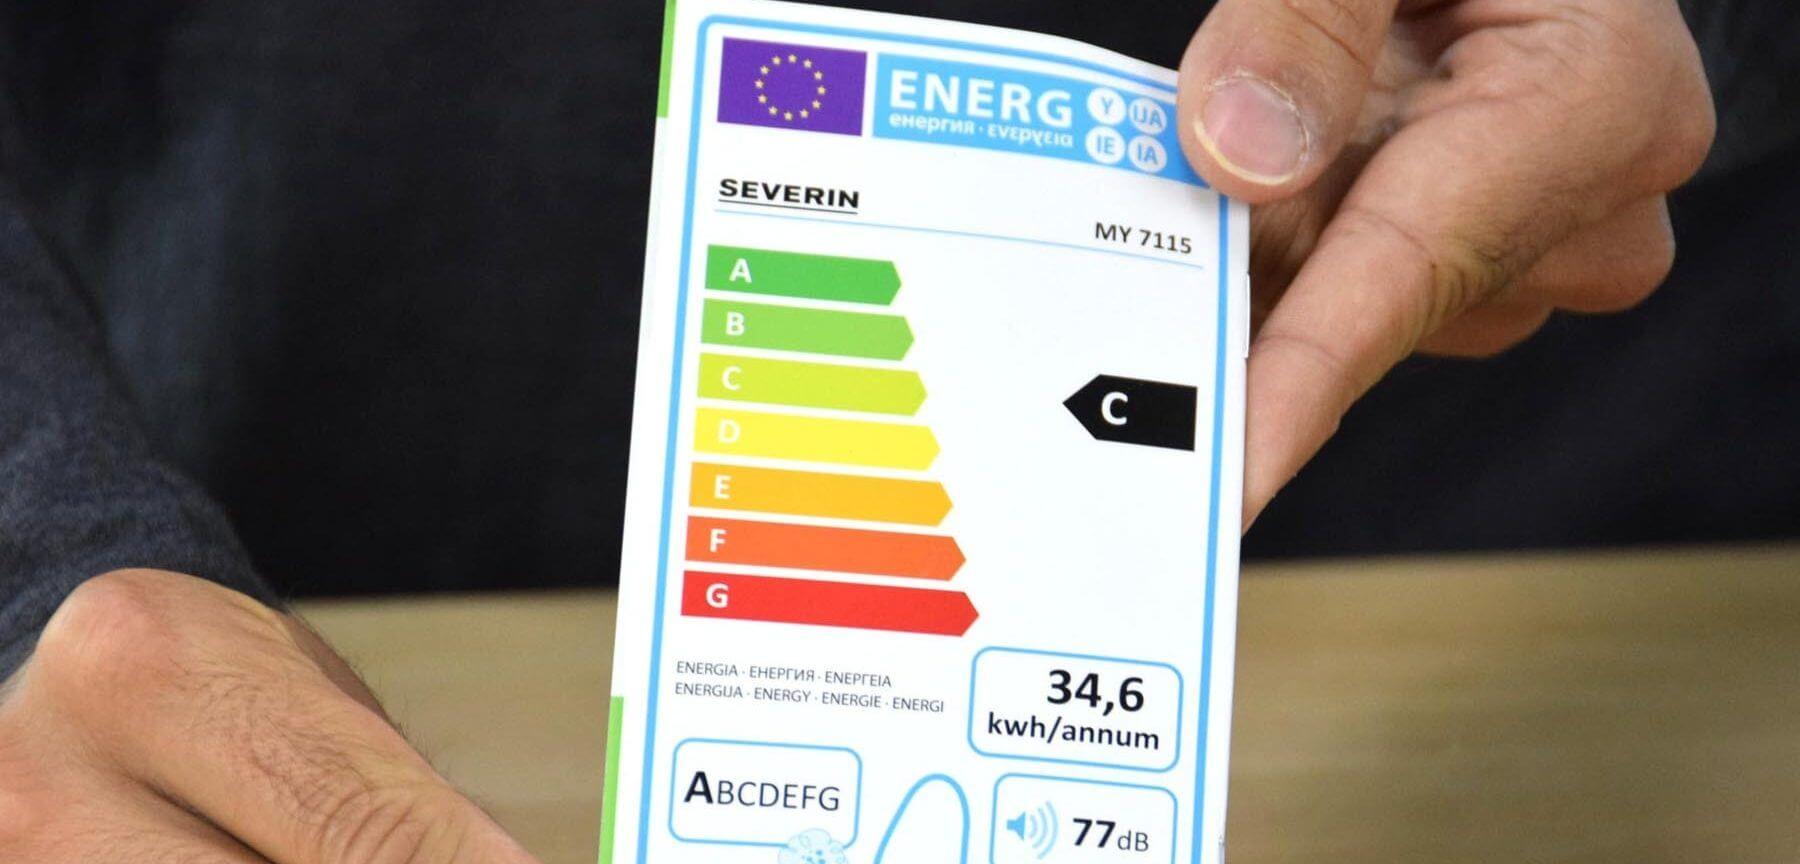 Differenza Classe A+ E A++ classe energetica: come si legge correttamente l'etichetta?